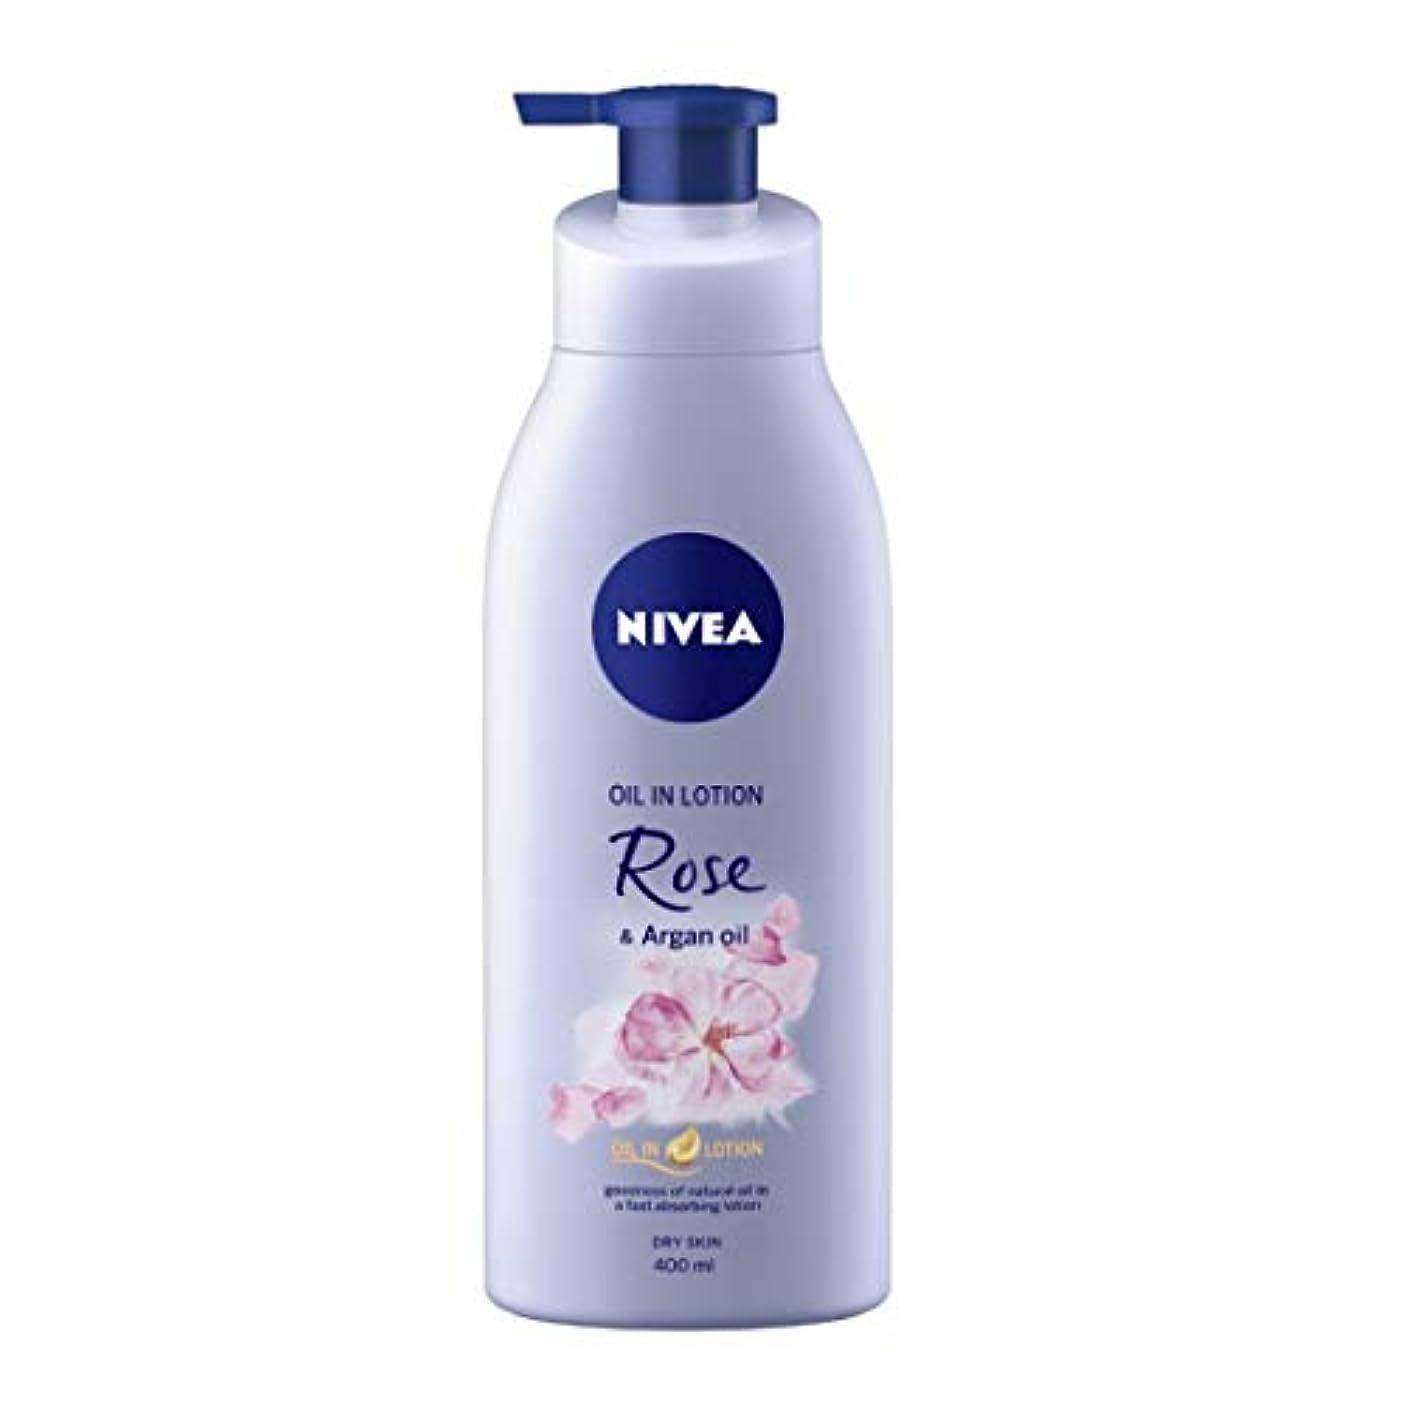 矢印センチメンタル今後NIVEA Oil in Lotion, Rose and Argan Oil, 400ml